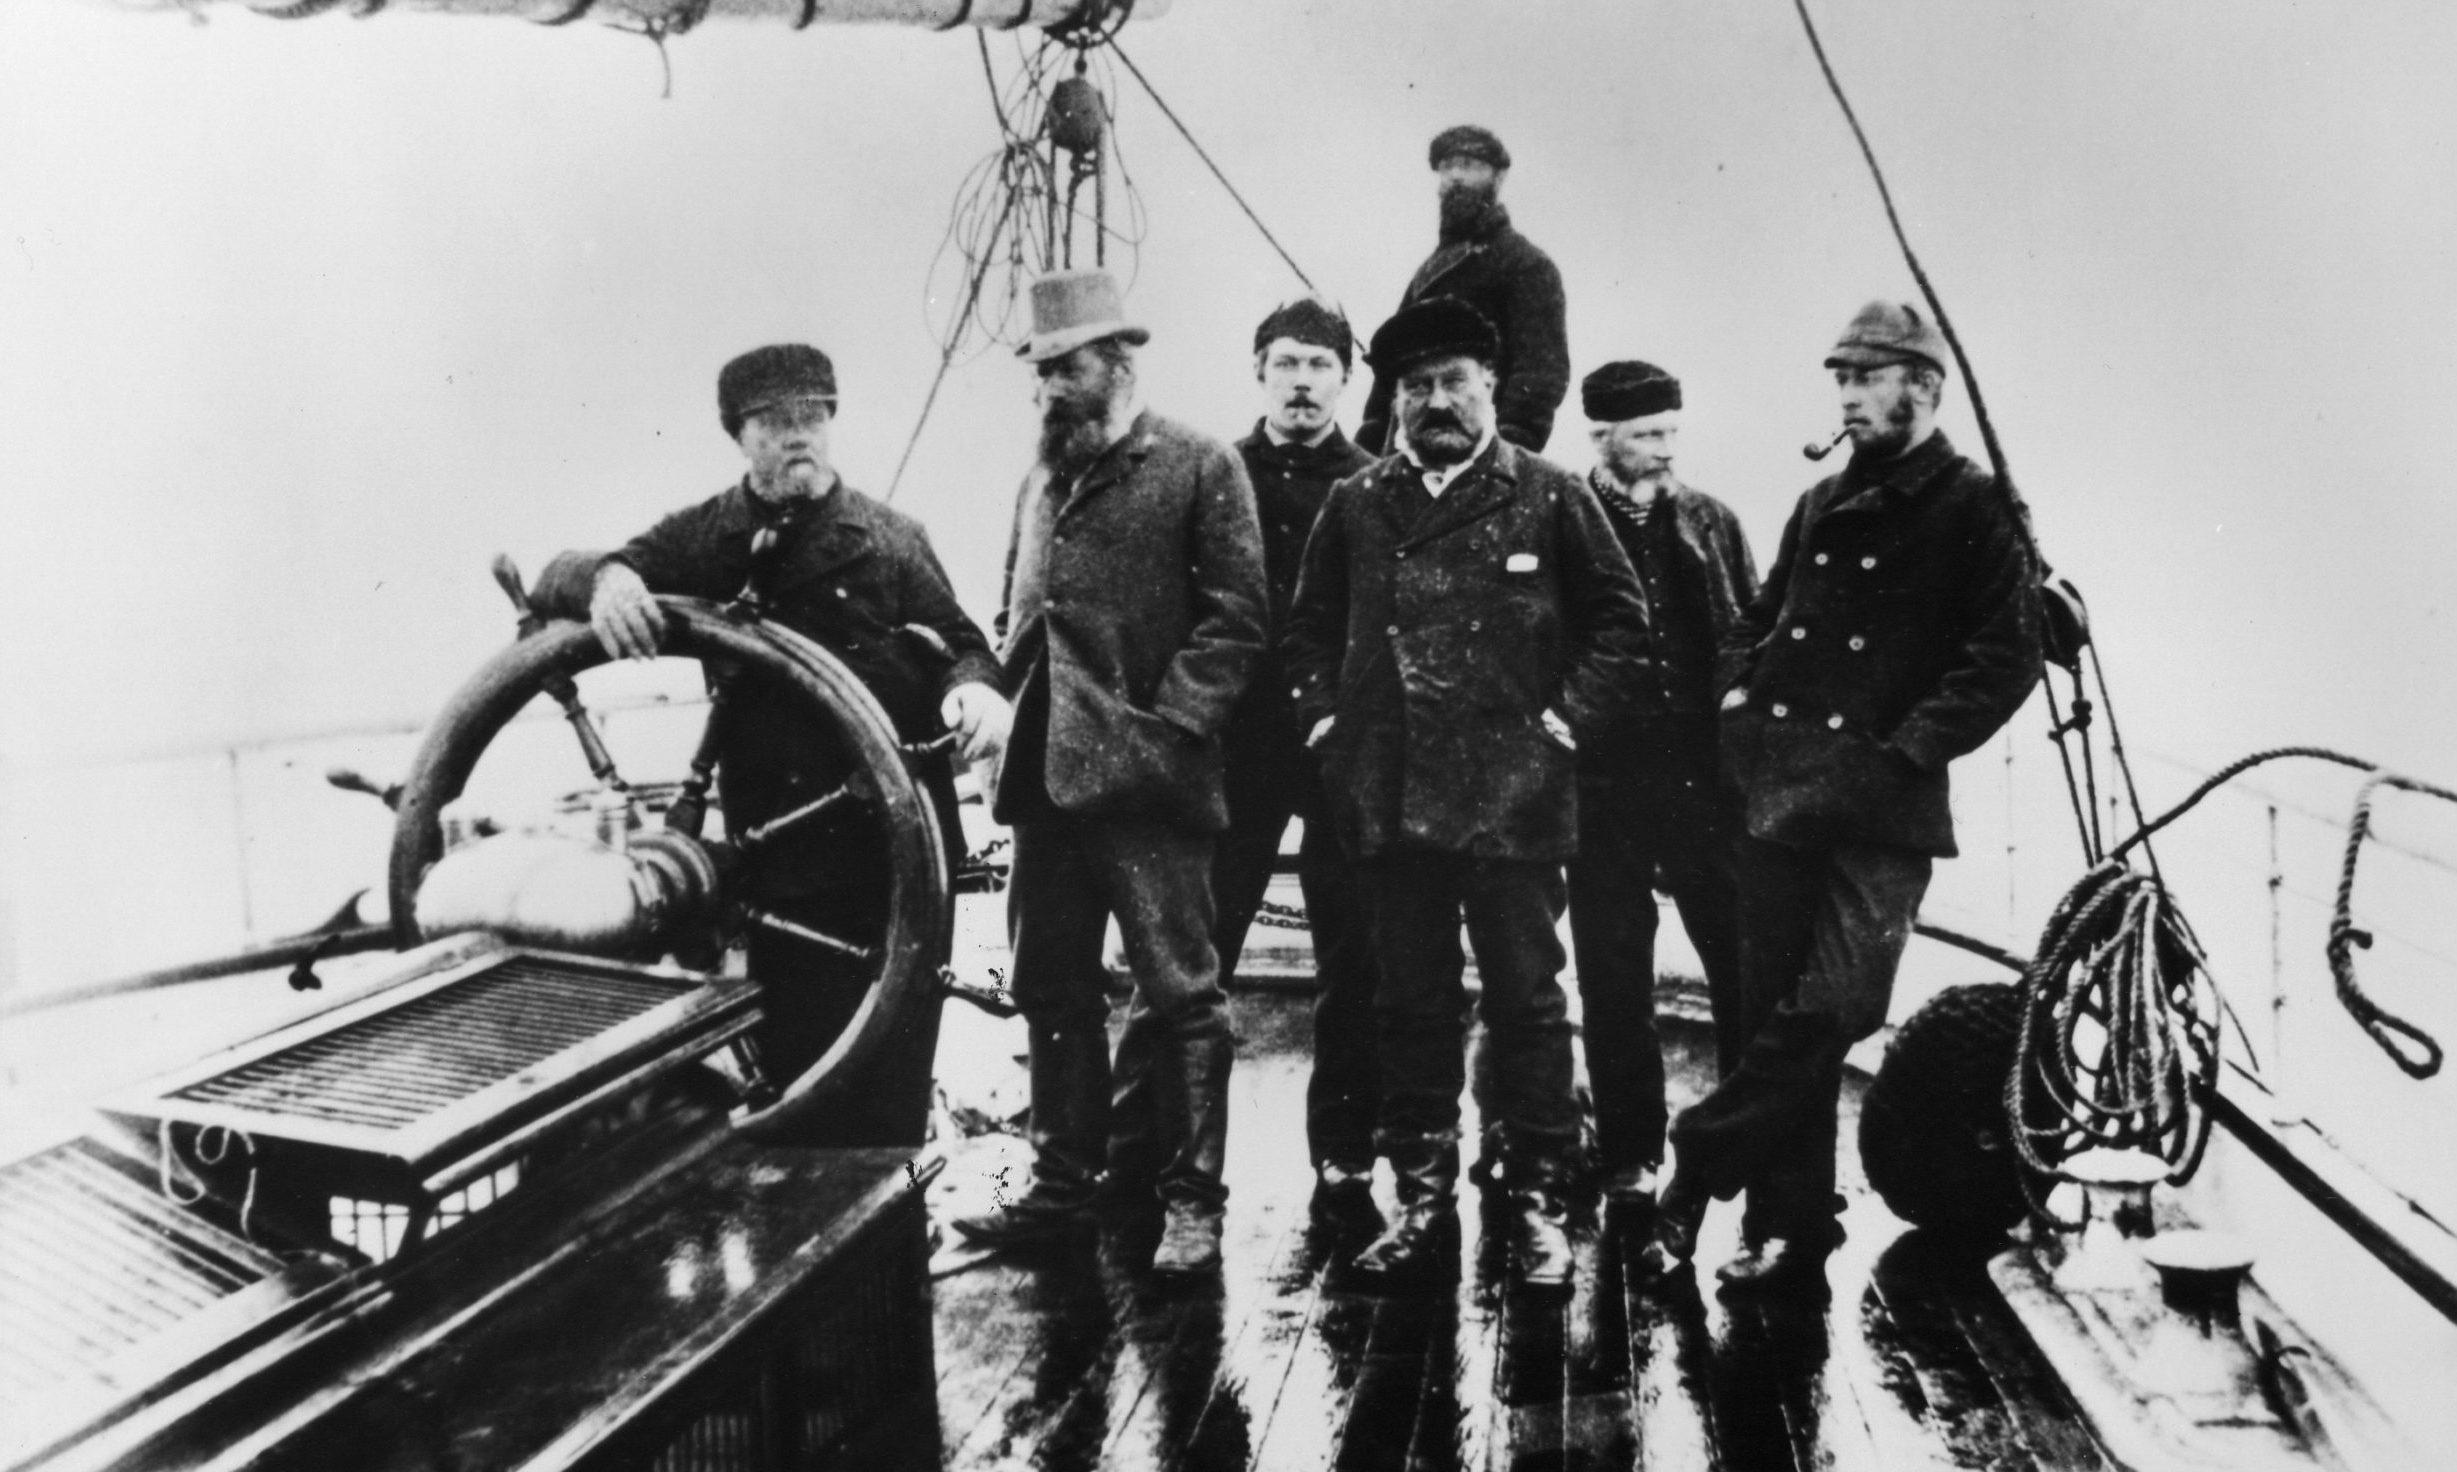 A young Arthur Conan Doyle stands next to Peterhead captain John Gray.